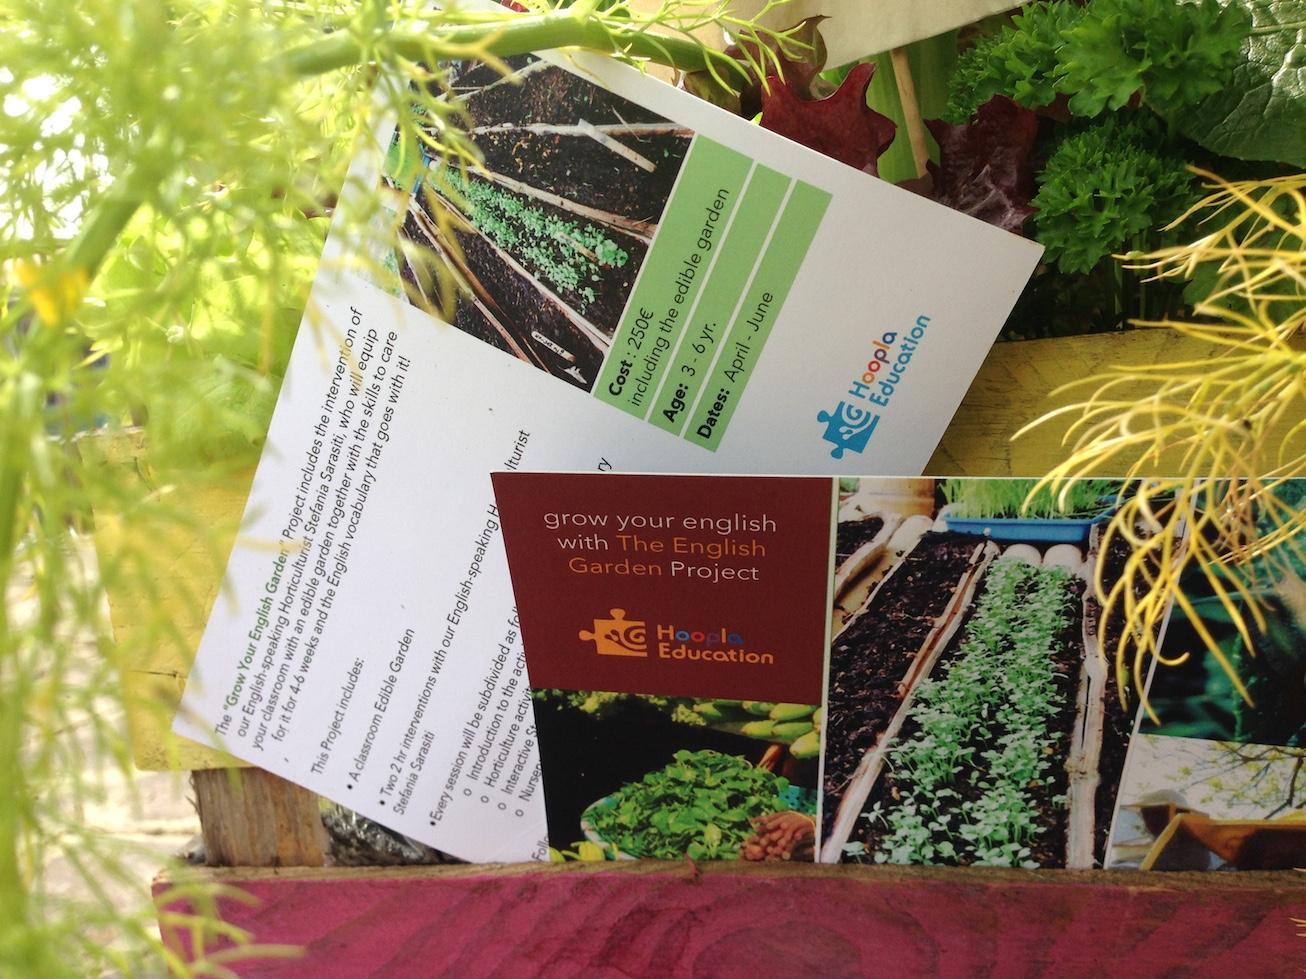 Garden-in-the-Box.JPG